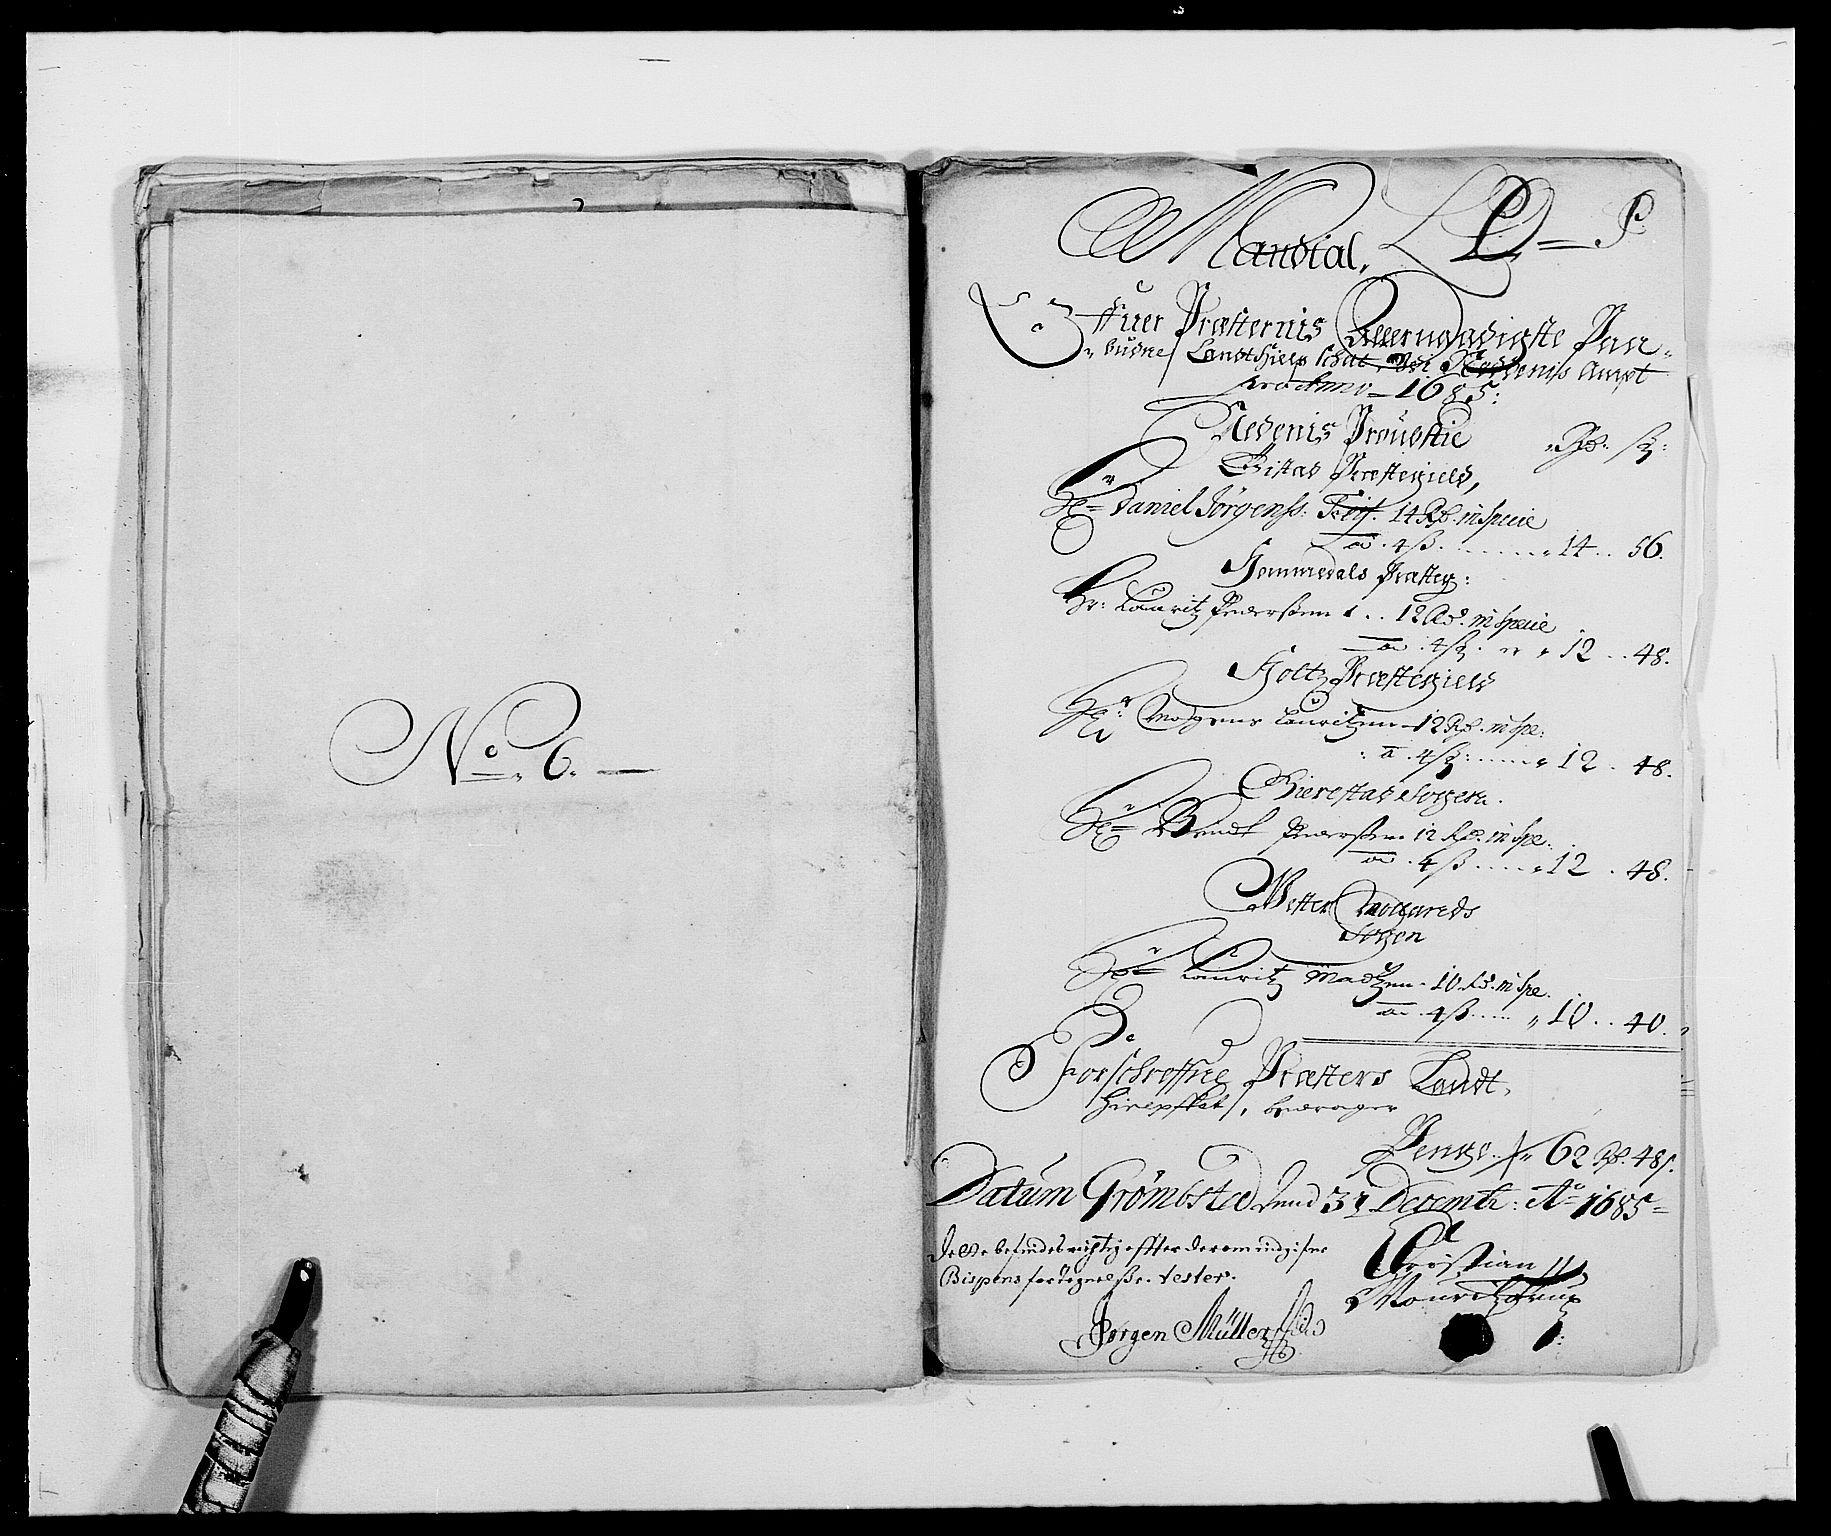 RA, Rentekammeret inntil 1814, Reviderte regnskaper, Fogderegnskap, R39/L2308: Fogderegnskap Nedenes, 1684-1689, s. 327